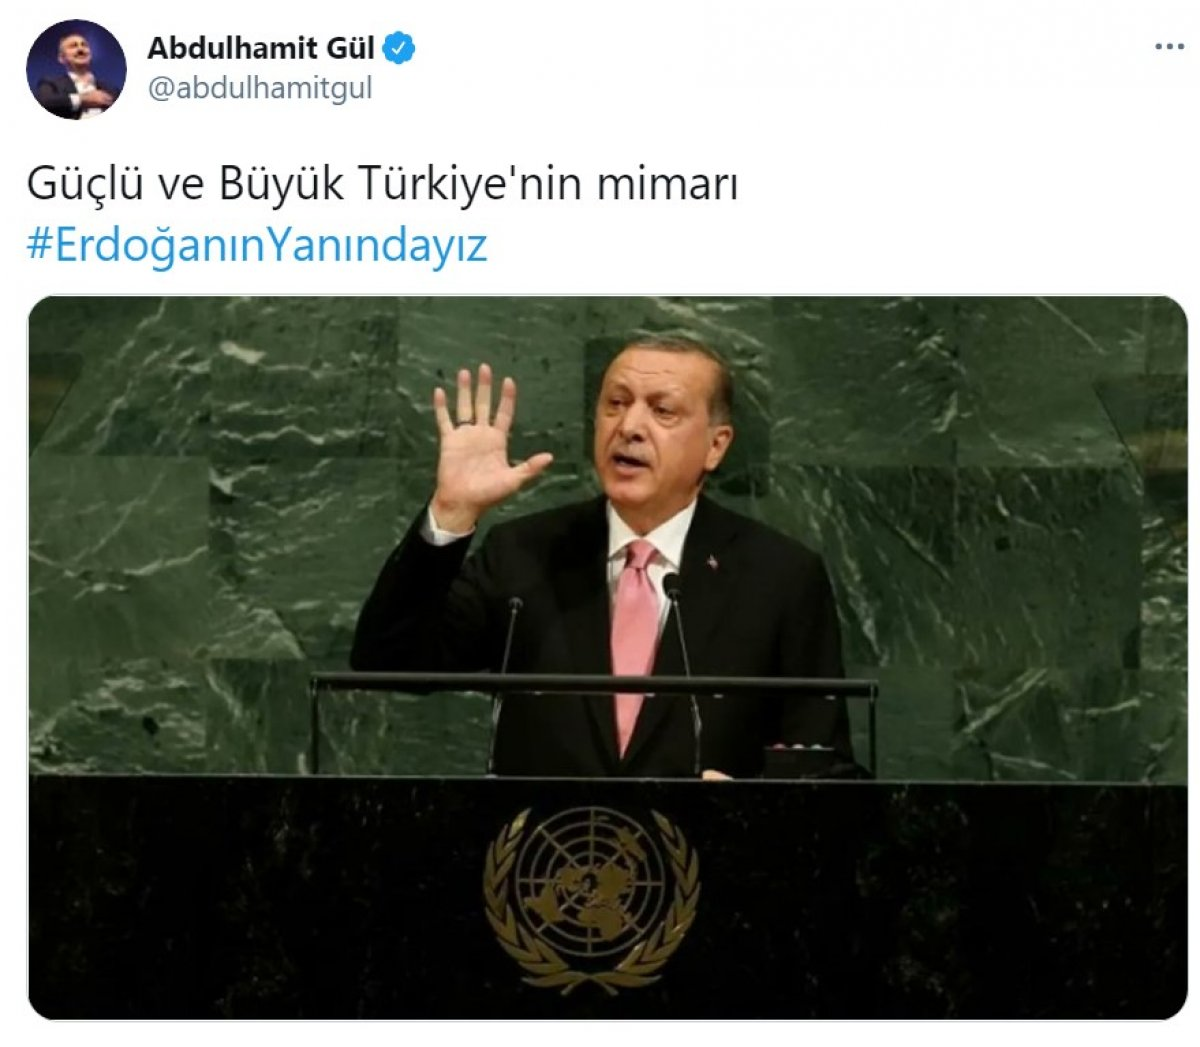 Cumhurbaşkanı Erdoğan a destek tweet leri 2 milyonu aştı #7